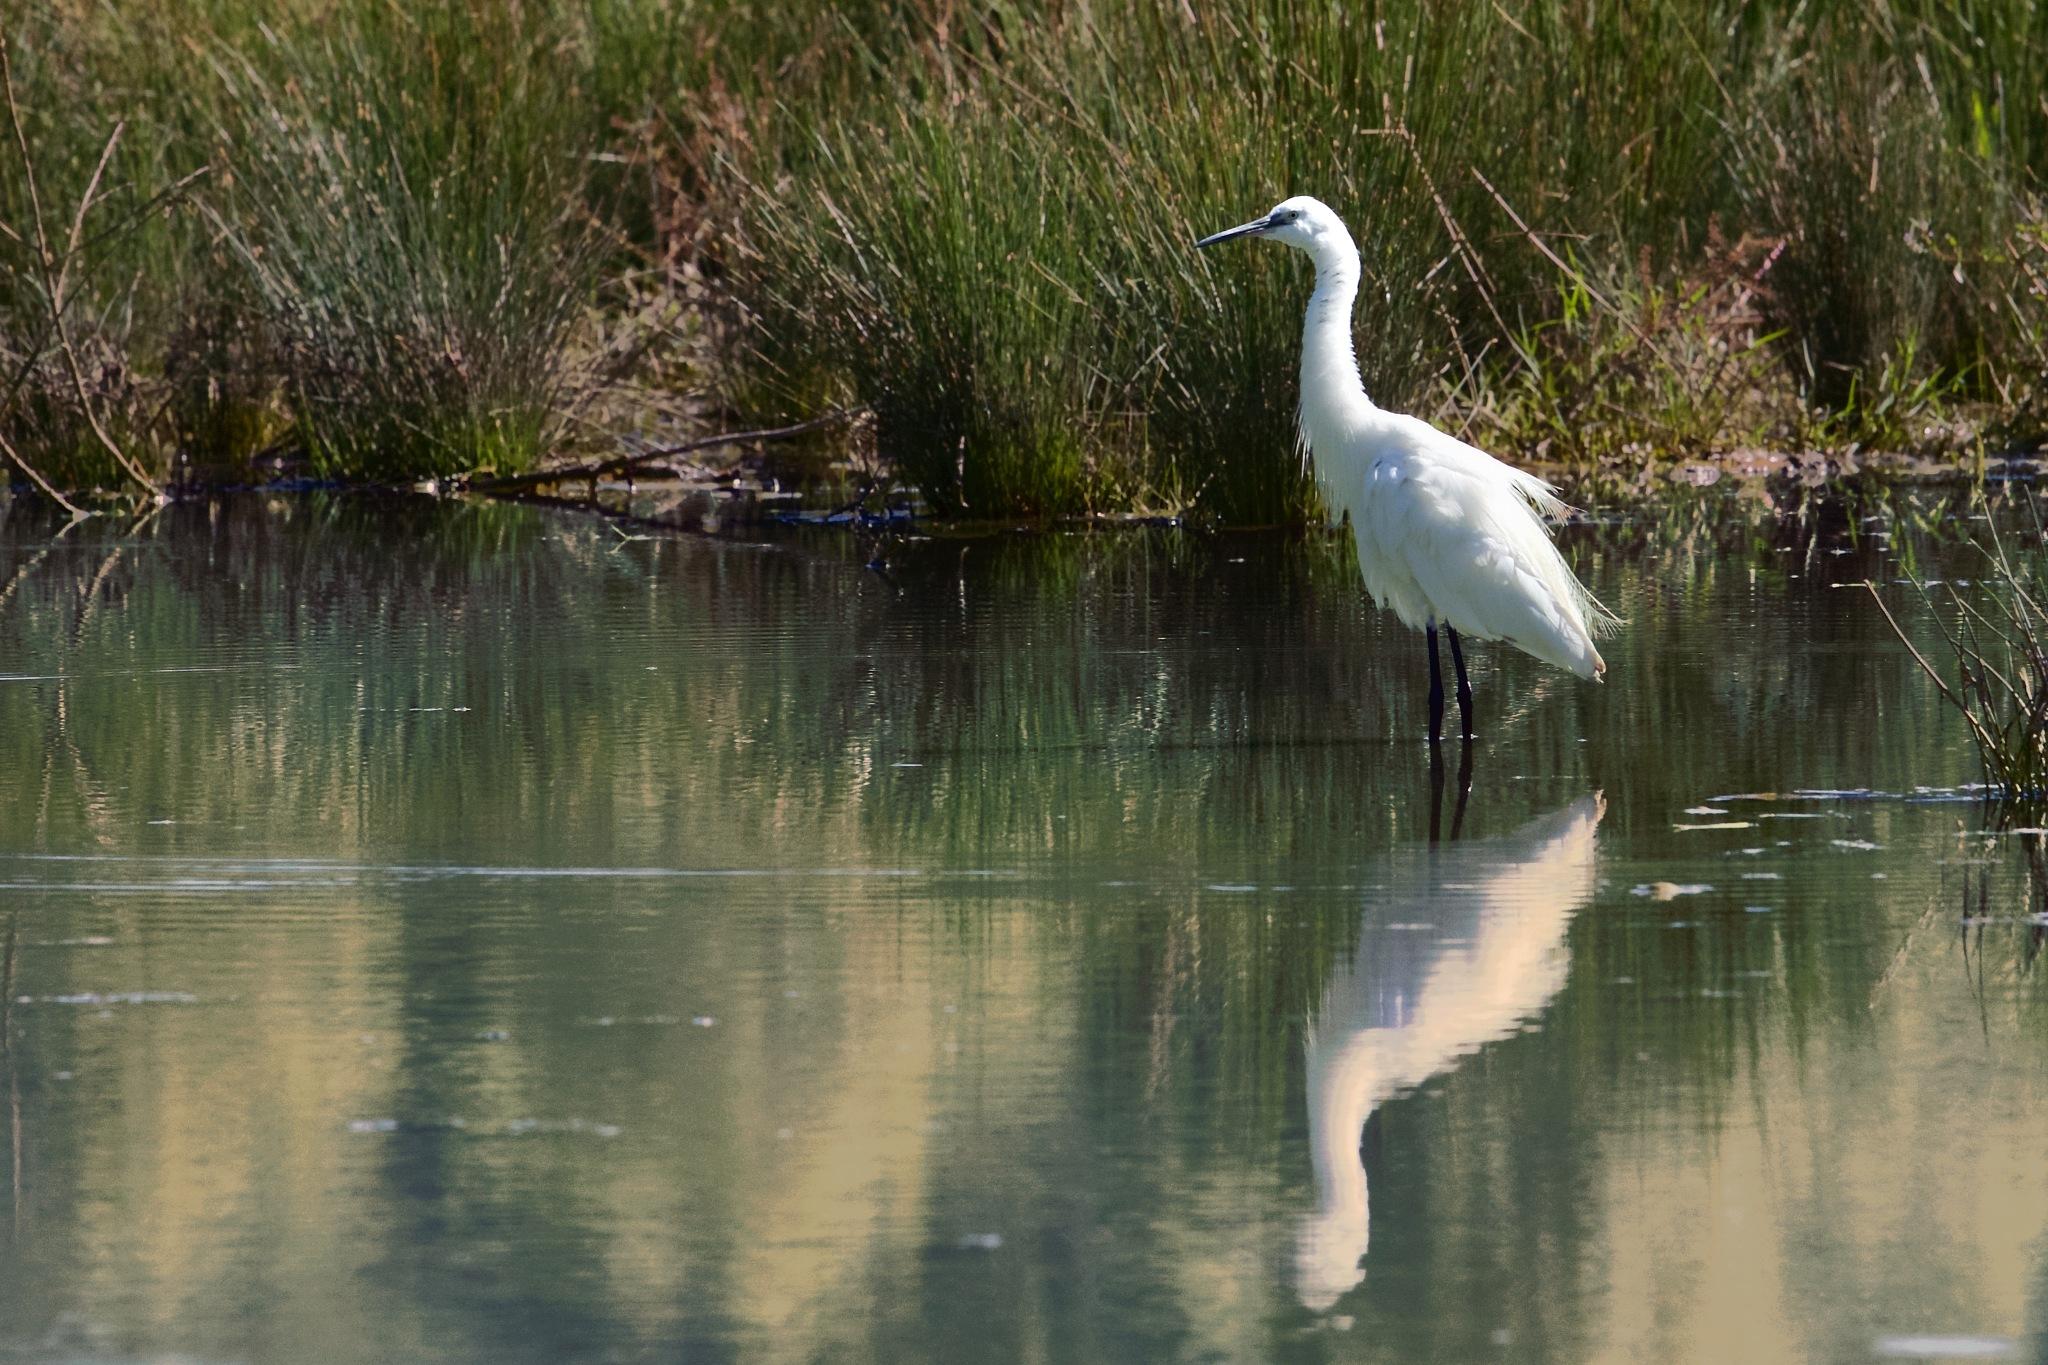 Egretta Garzetta - Little Egret by MarkSoetebierVideophotography